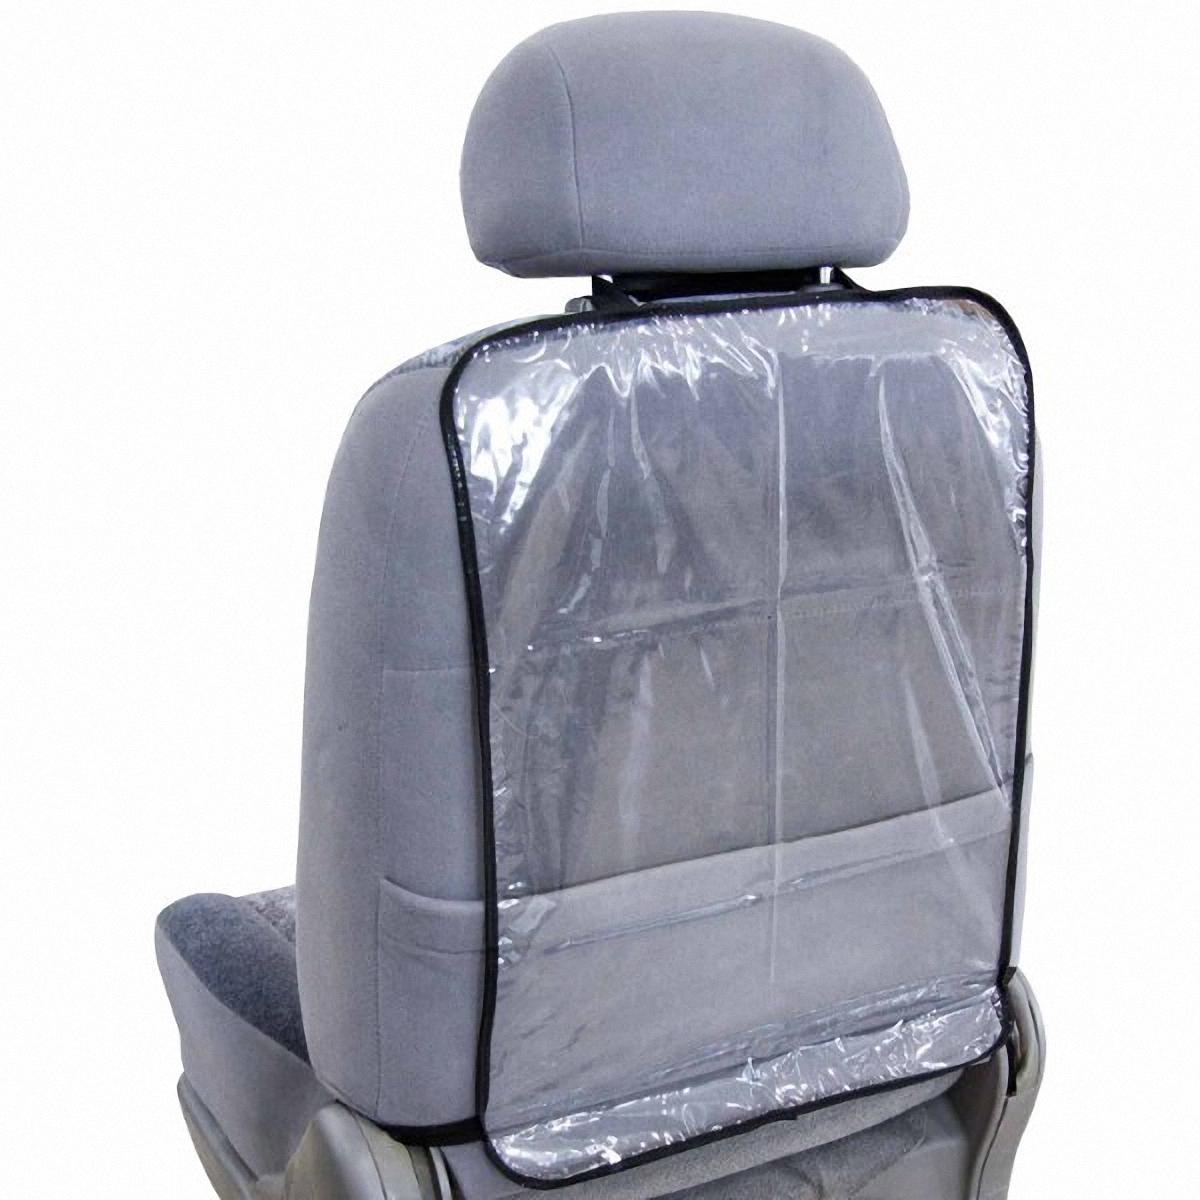 Накидка защитная Skyway, на спинку сидения, 40 х 60 см. S06101008S06101008Защита спинки сидения Skyway совмещает в себе функции органайзера и защиты спинки сиденья. Позволяет компактно разместить все необходимые автомобилисту инструменты и аксессуары: от отвертки до детских книг. При этом надежно защищает сиденье от загрязнений и повреждений. Органайзер оснащен карманом, изготовлен из водонепроницаемого и прочного материала. Легко устанавливается и не требует дополнительного ухода. Размер изделия: 40 х 60 см.